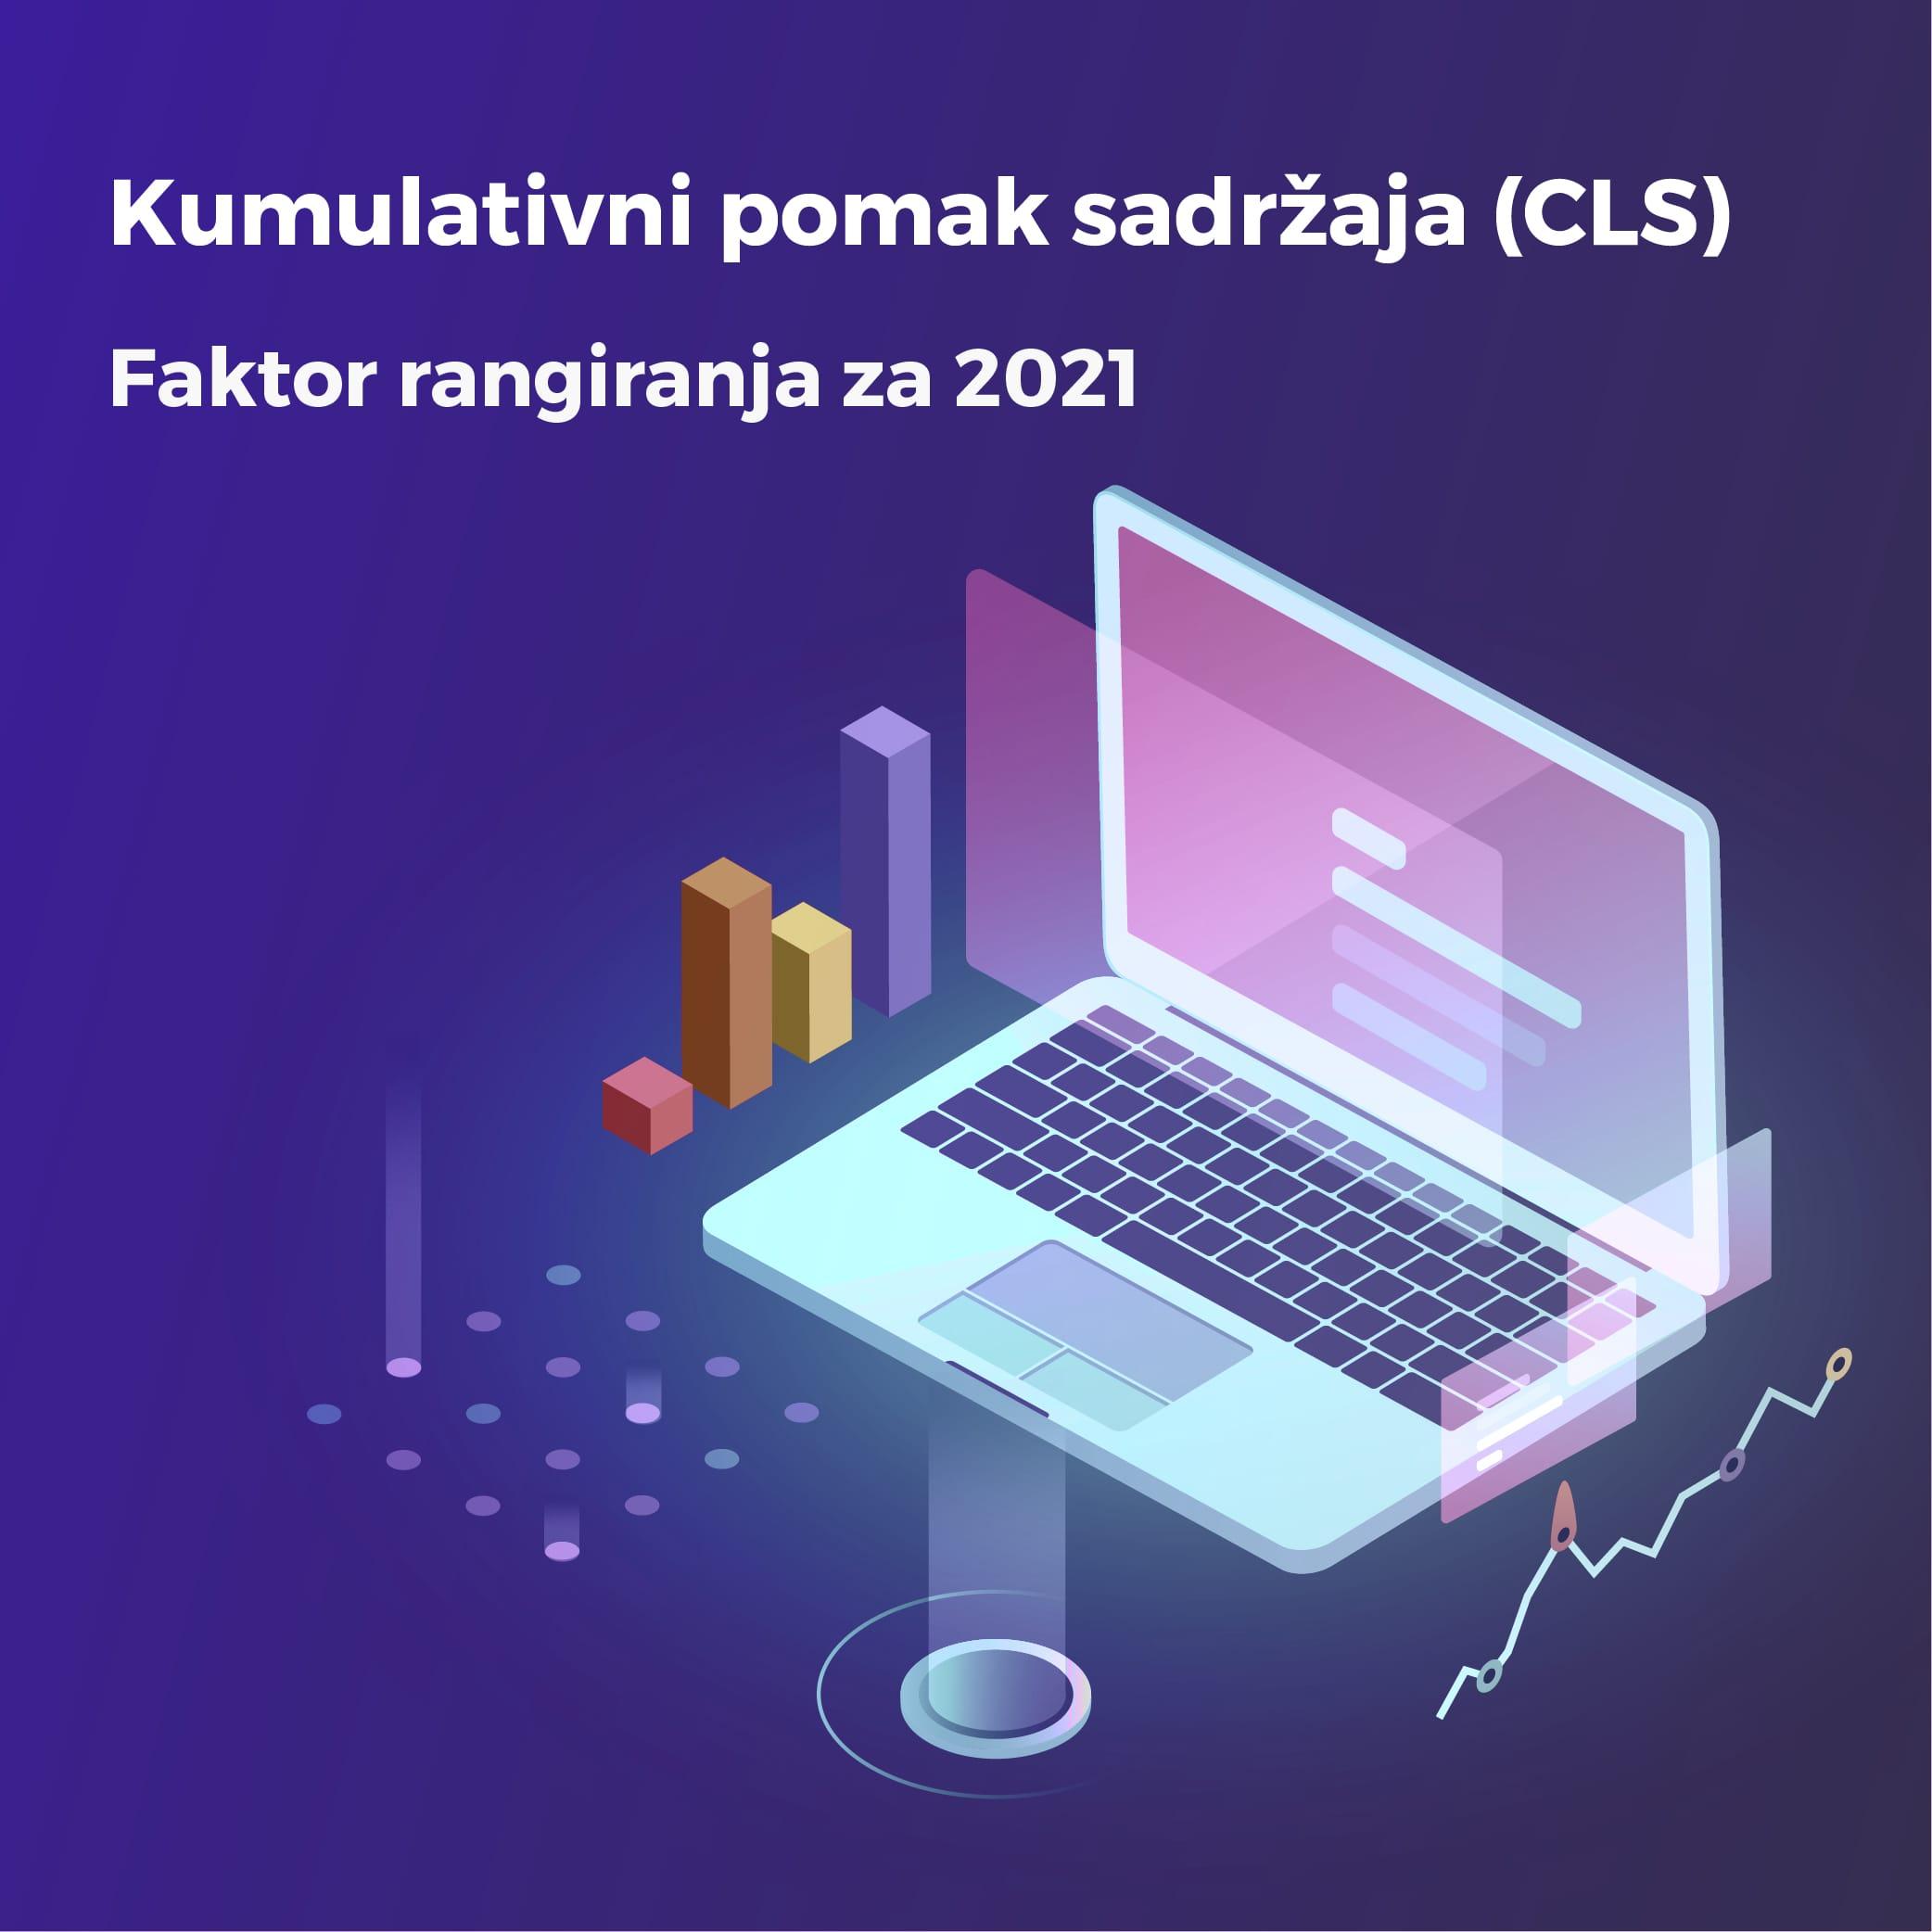 53214Kumulativni pomak sadržaja (CLS) – Faktor rangiranja za 2021.